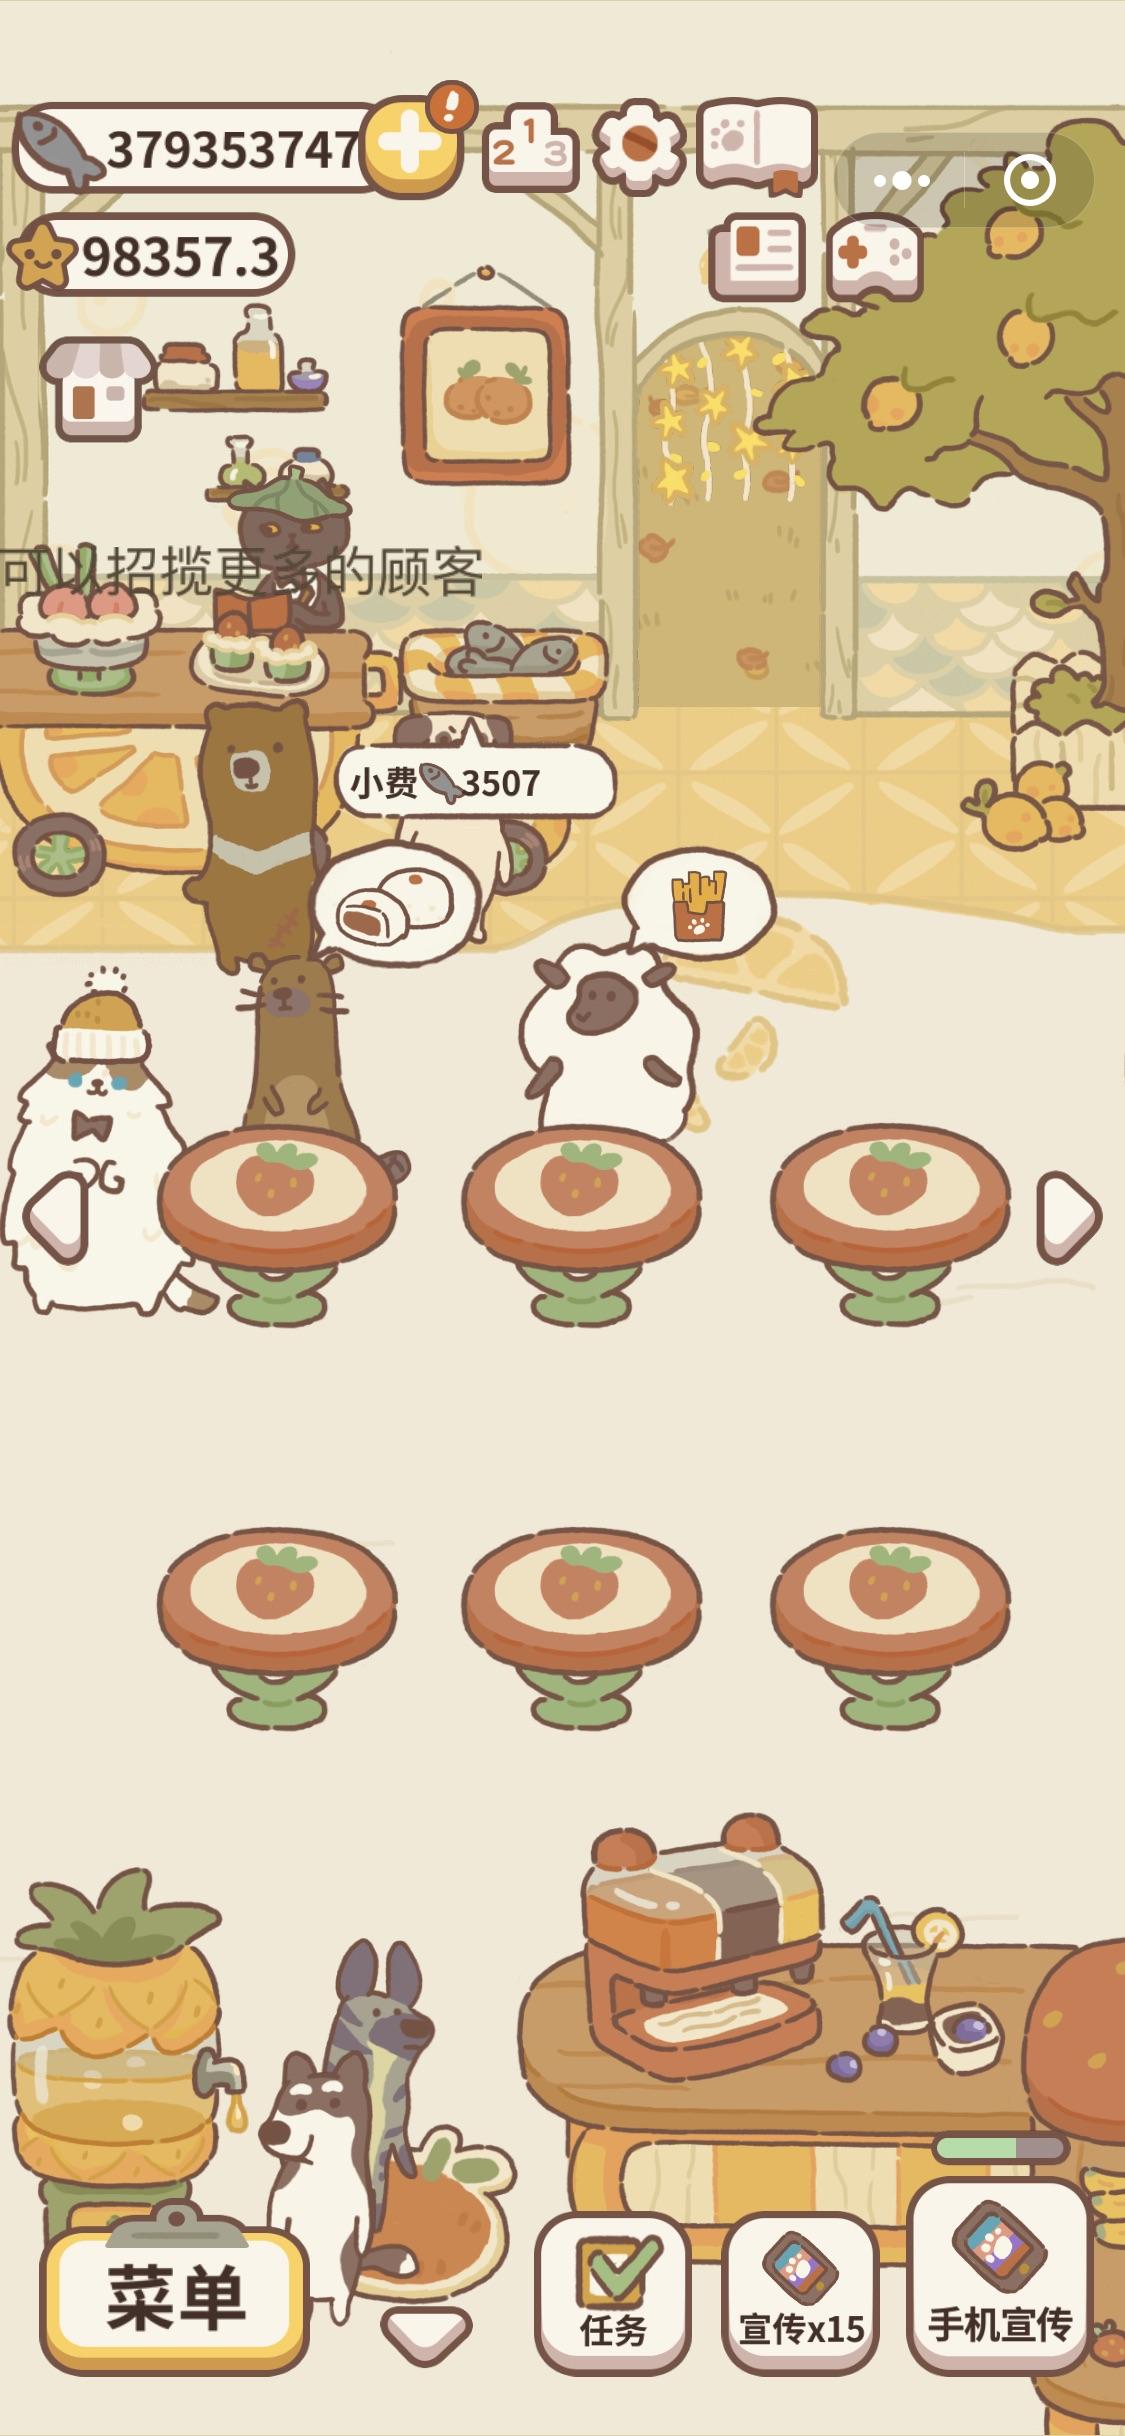 动物餐厅|最近在玩的可爱嘻嘻的微信小游戏